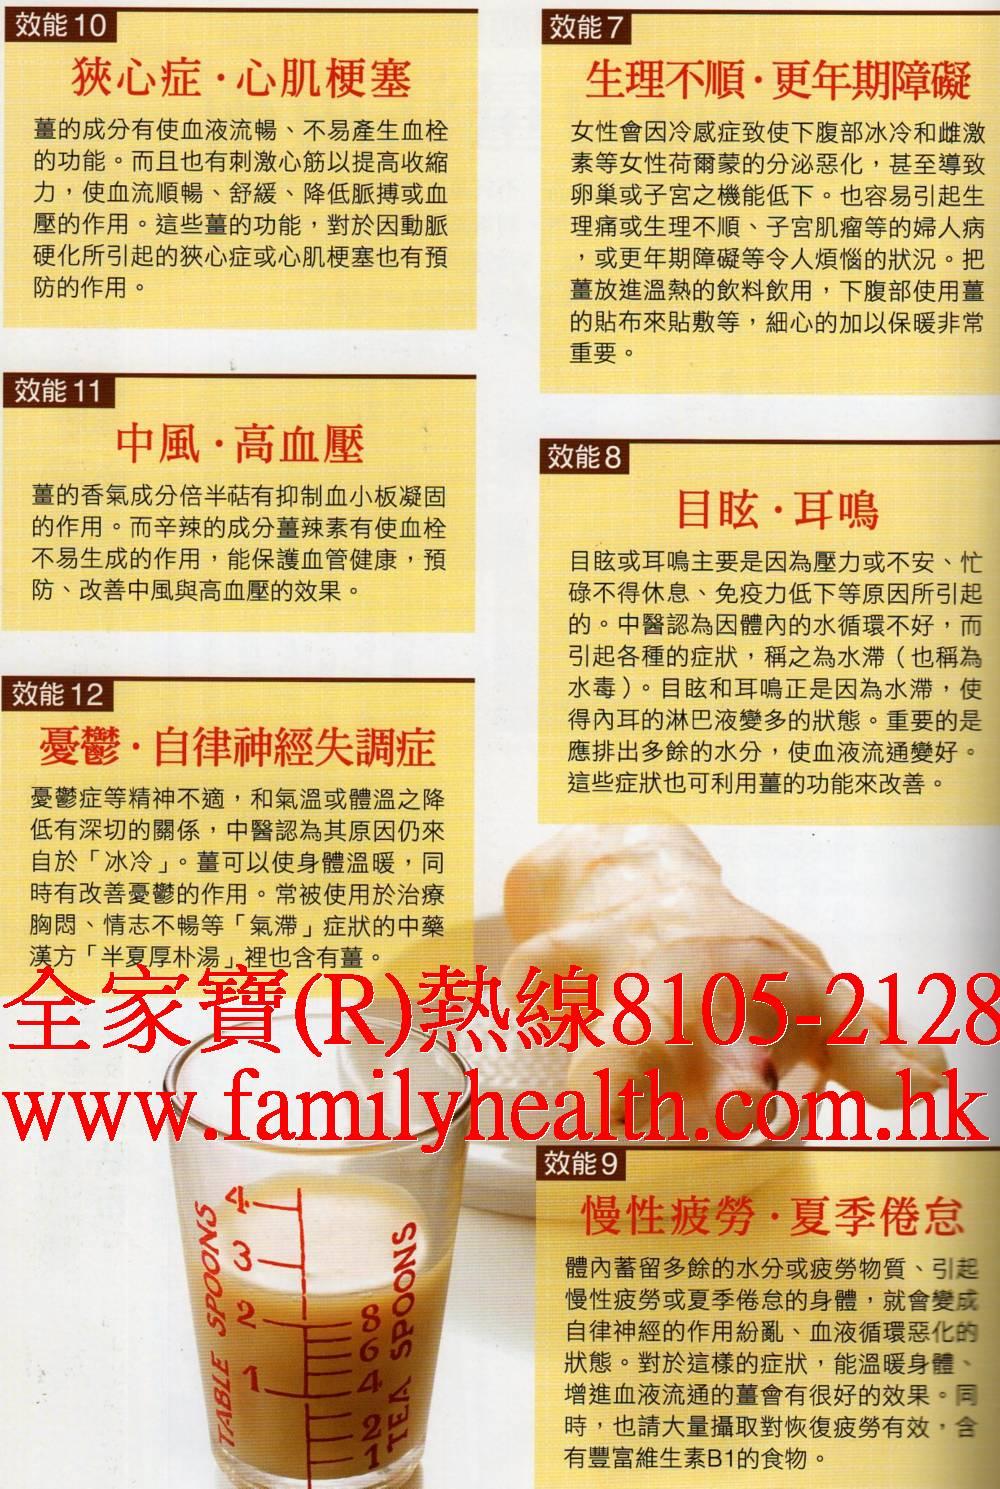 http://www.familyhealth.com.hk/files/full/632_4.jpg